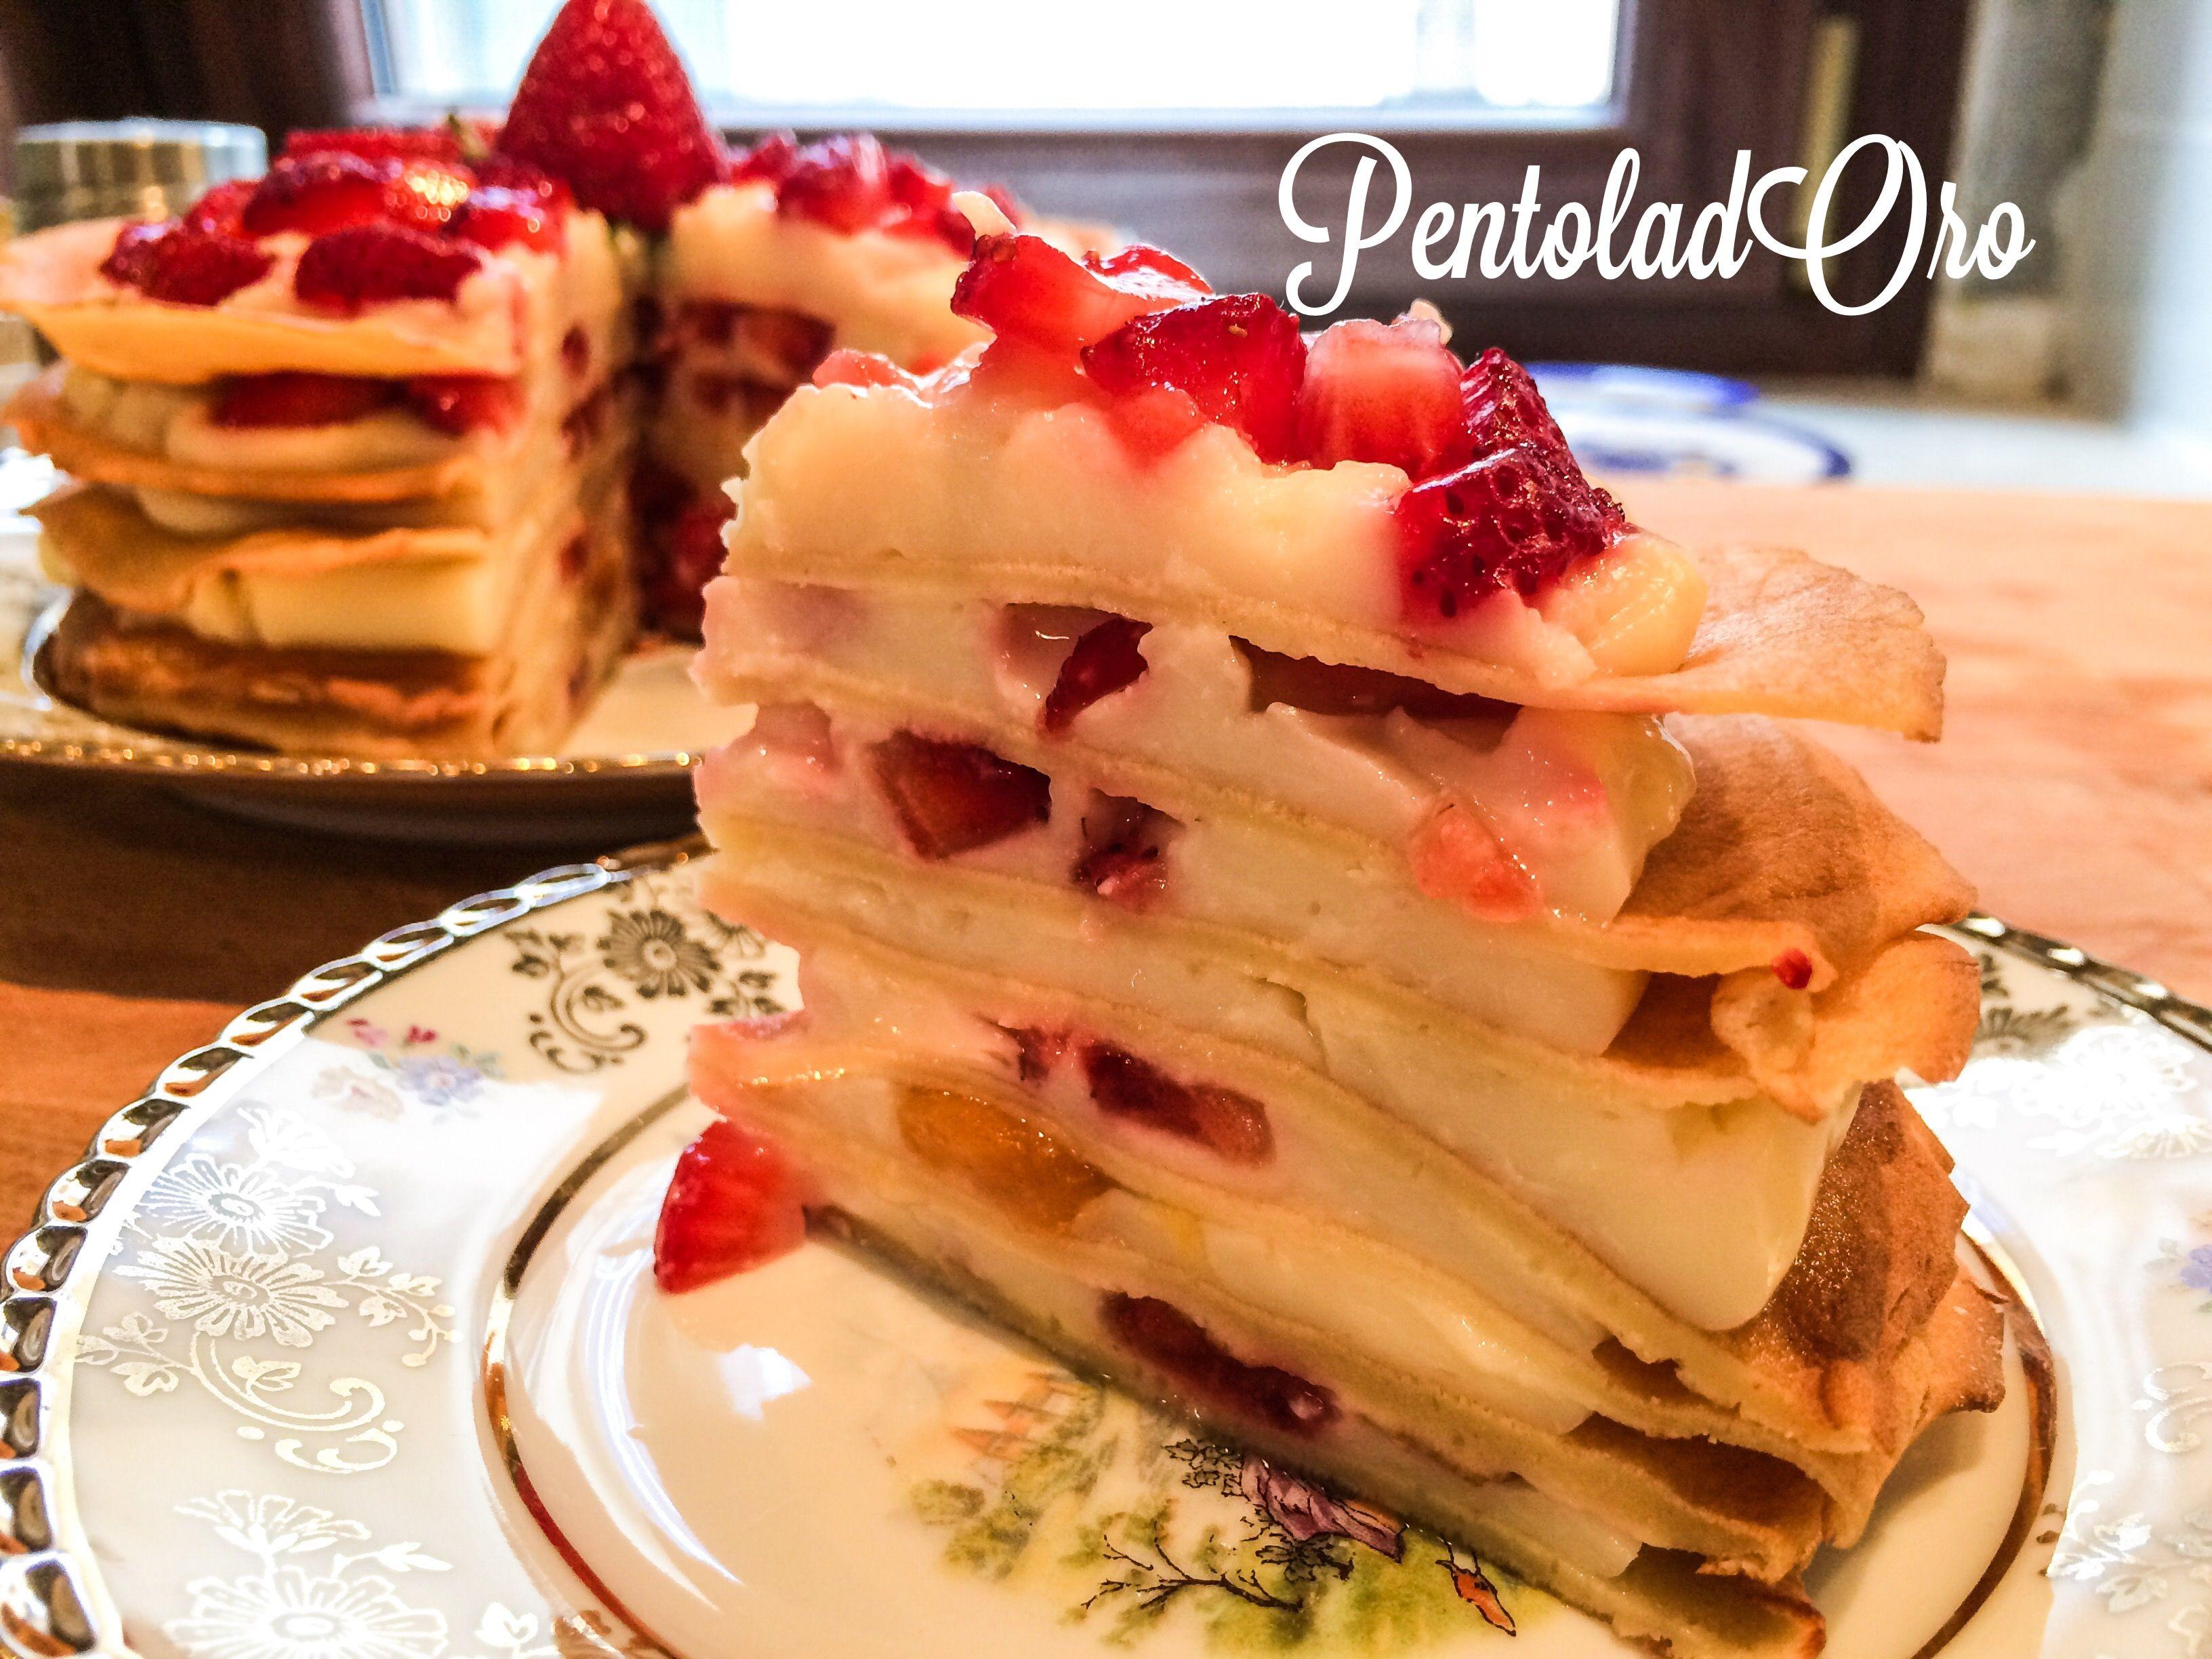 Una #torta fantastica :) realizzata con strati di #crepes farciti alla #crema con frutta fresca! http://blog.giallozafferano.it/pentoladoro/torta-di-crepes-alla-frutta/